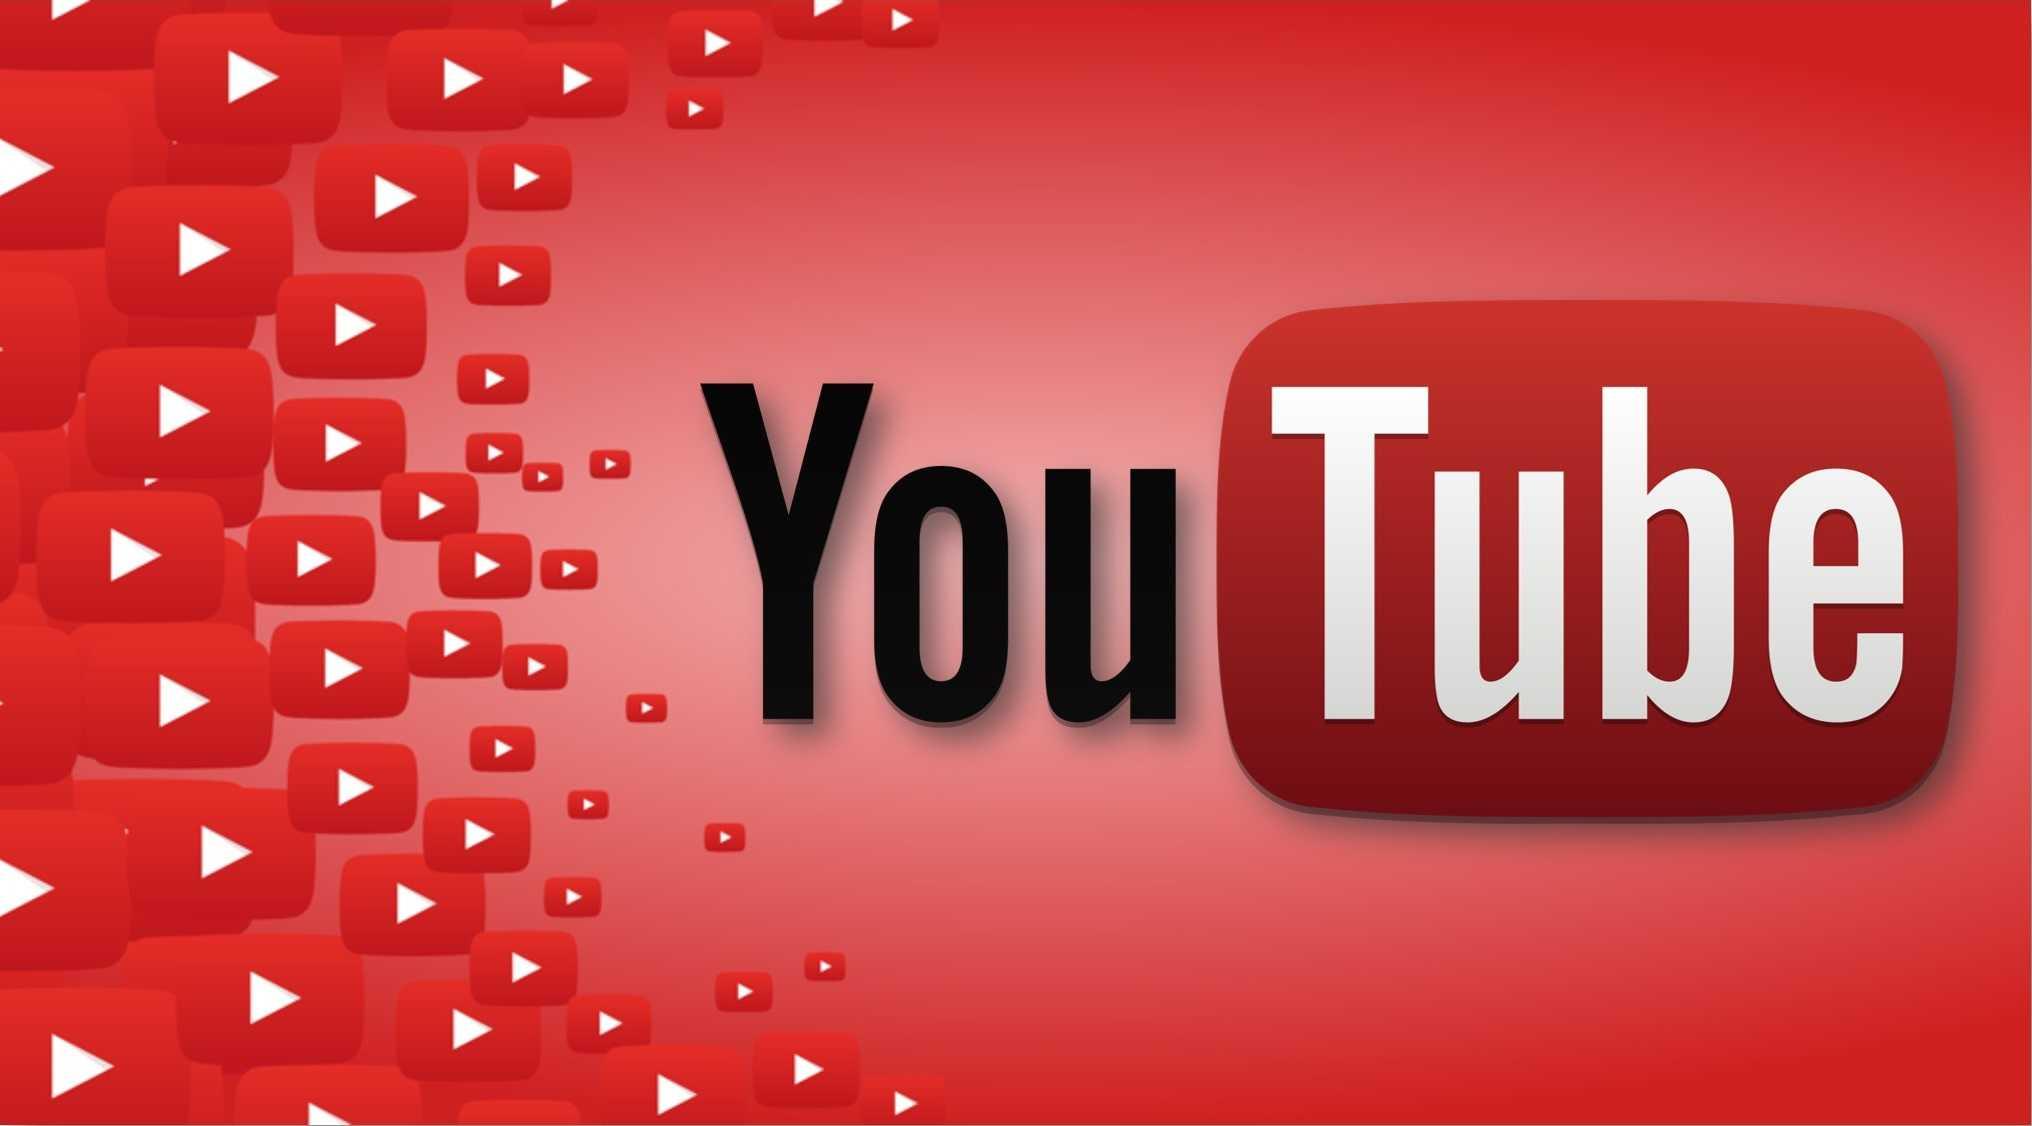 """""""يوتيوب"""" يعلن عن تطبيق سياسة جديدة ستحدث تغييرا في الحقوق والعائدات"""